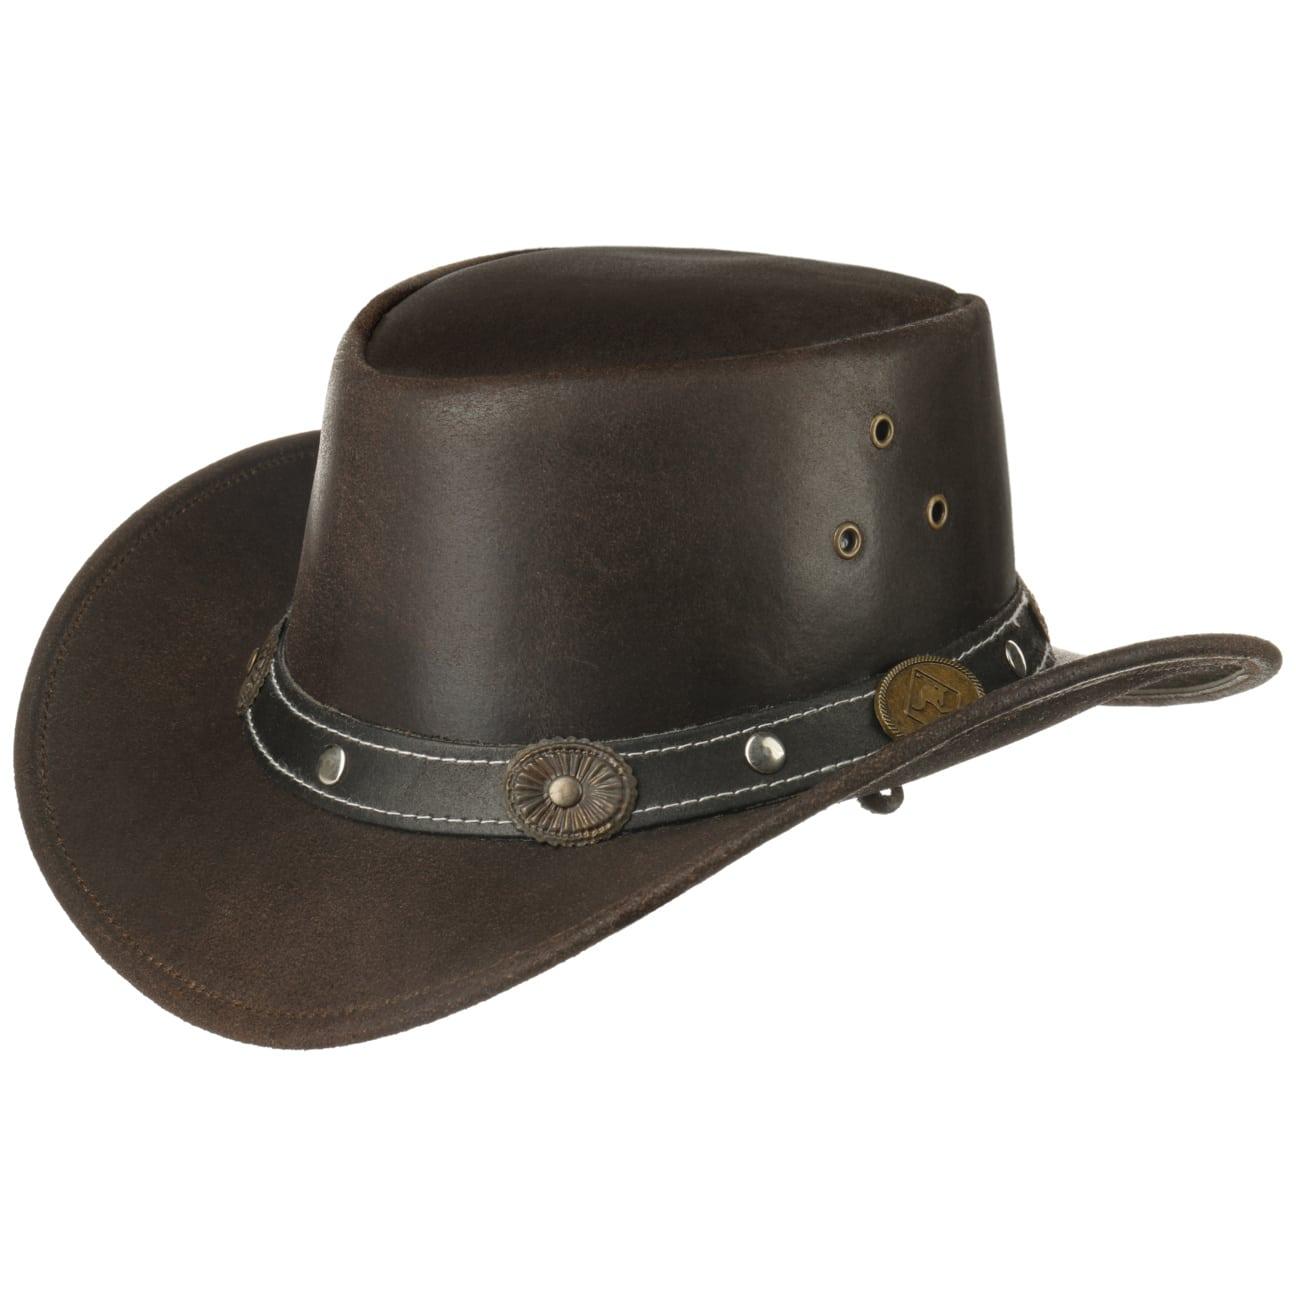 Chapeau en Cuir Reno Enfant by Scippis  cuir naturel